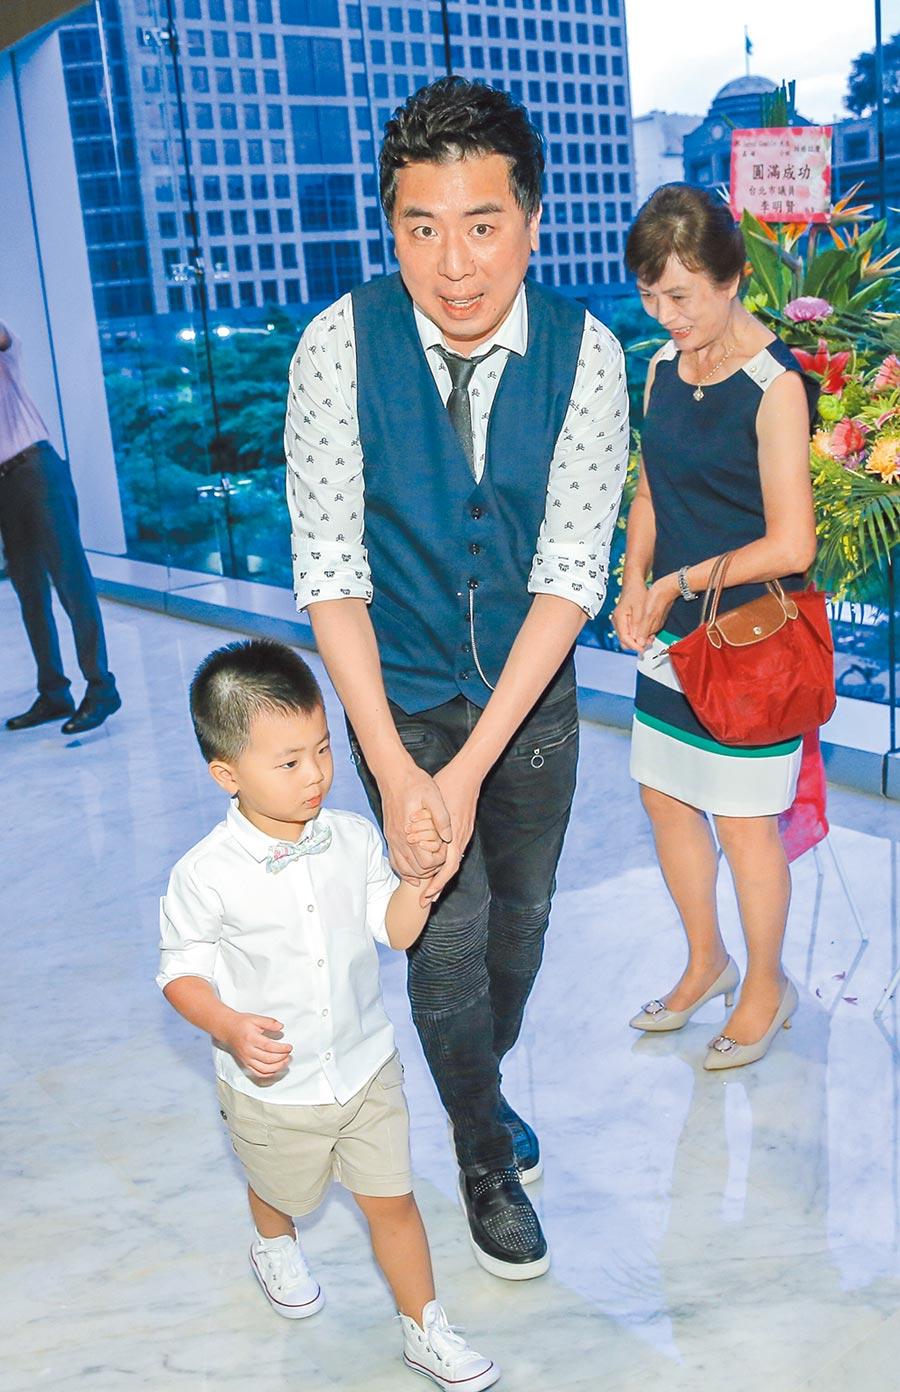 梁赫群昨帶兒子參加妹妹的婚宴。(盧禕祺攝)